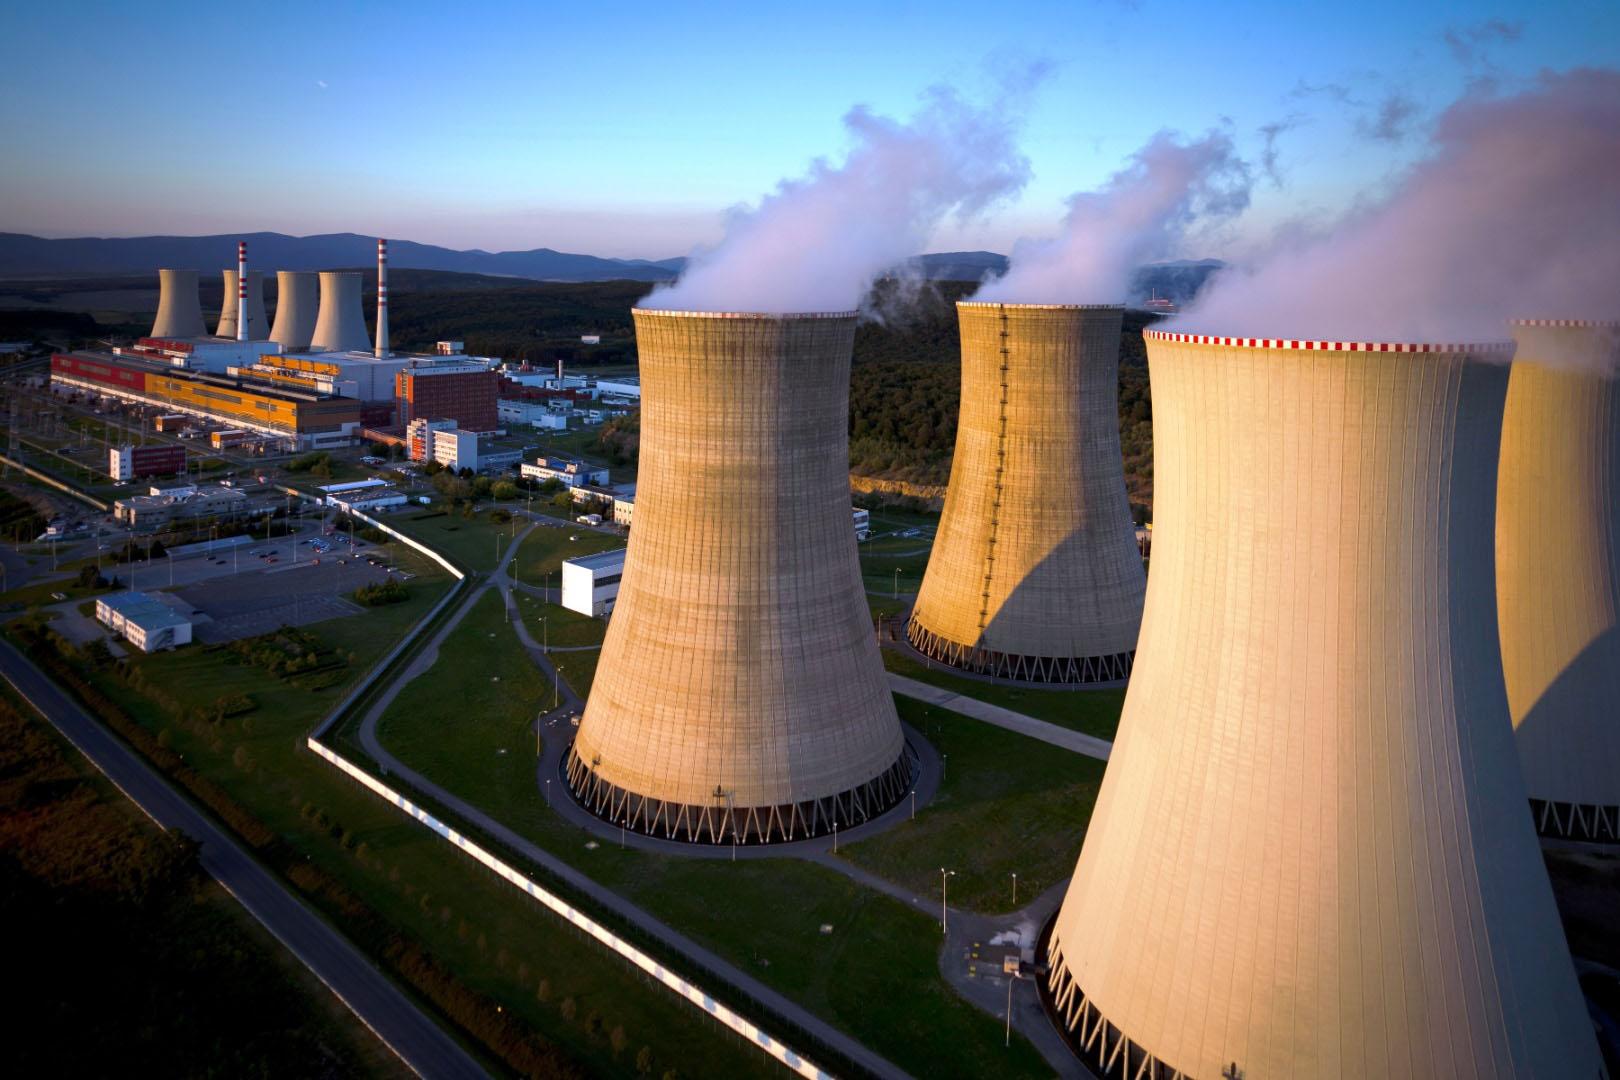 jaderná energie - Provozní zkušenosti s VVER-440 - Ve světě (obrázek 12) 3